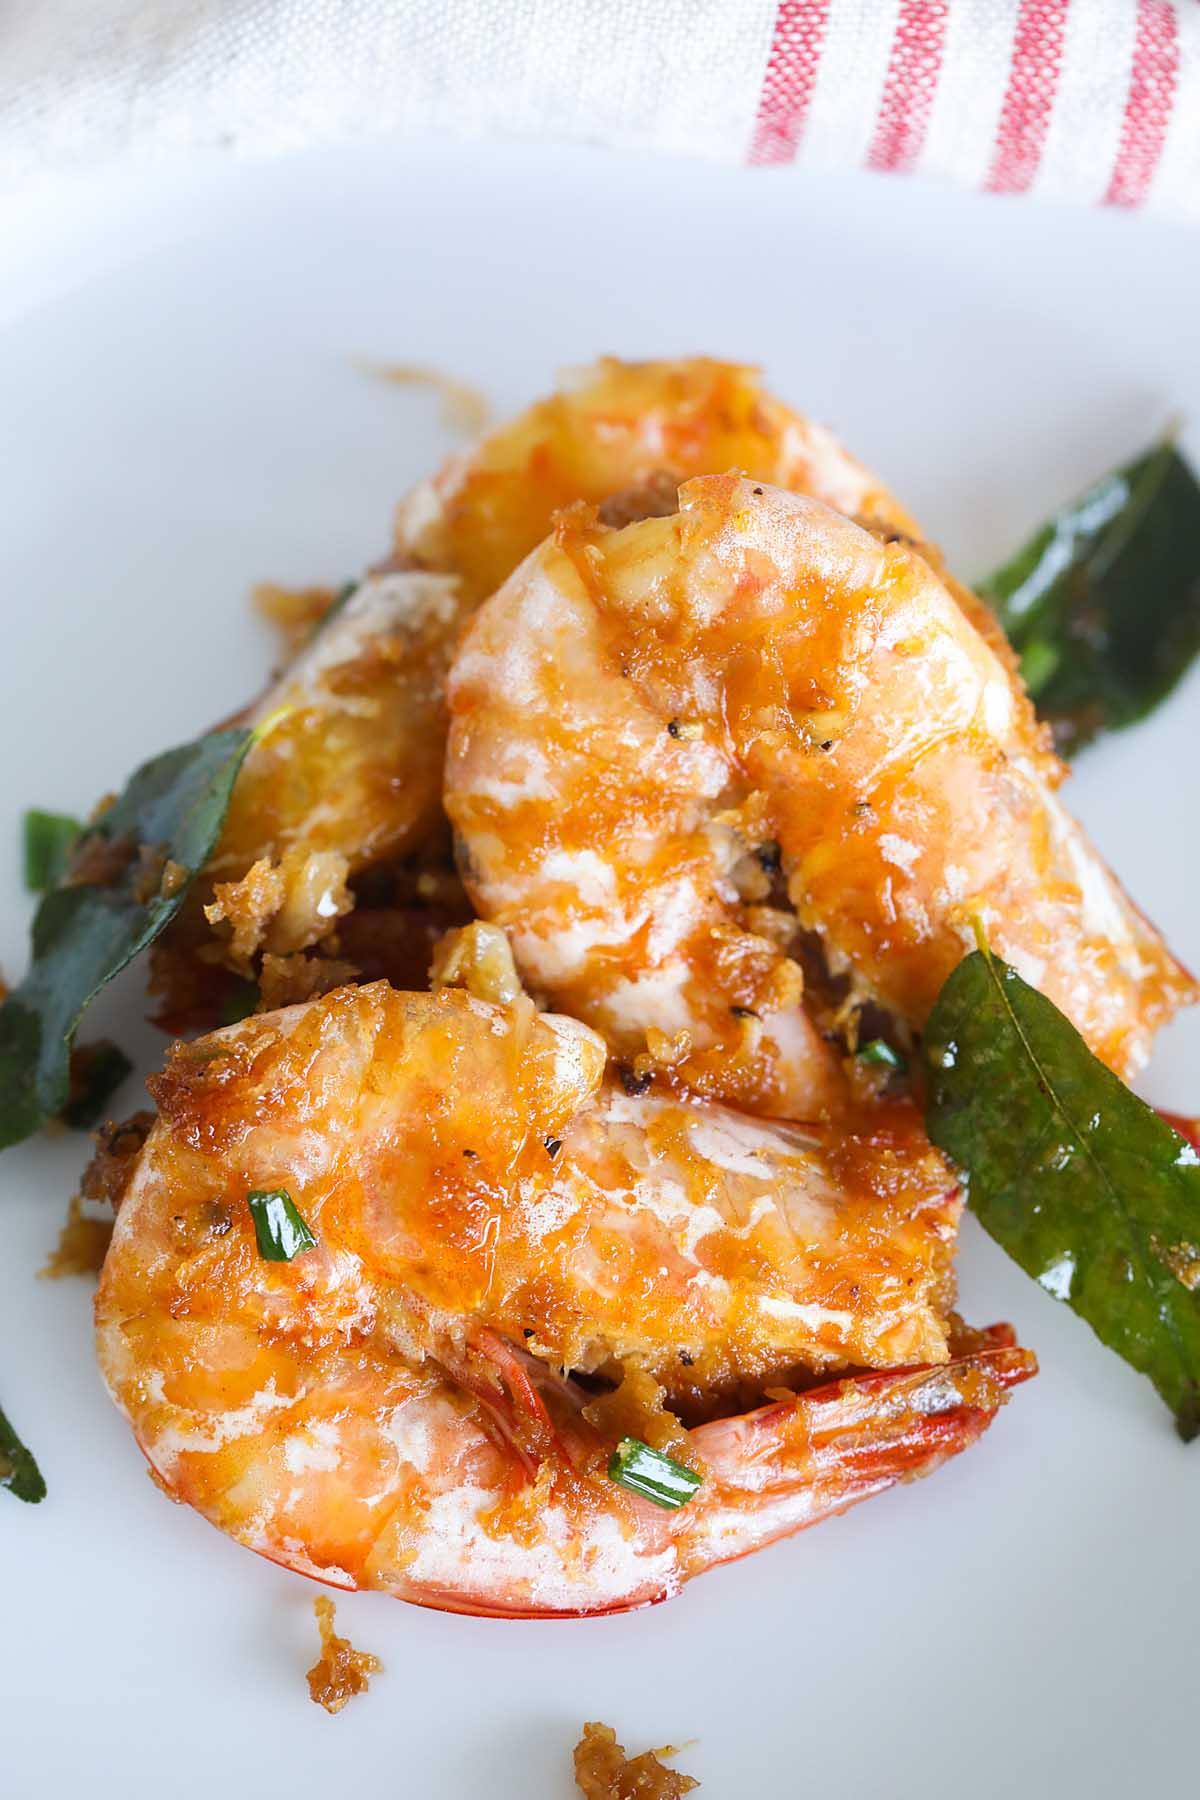 Recette de crevettes au beurre maison facile.